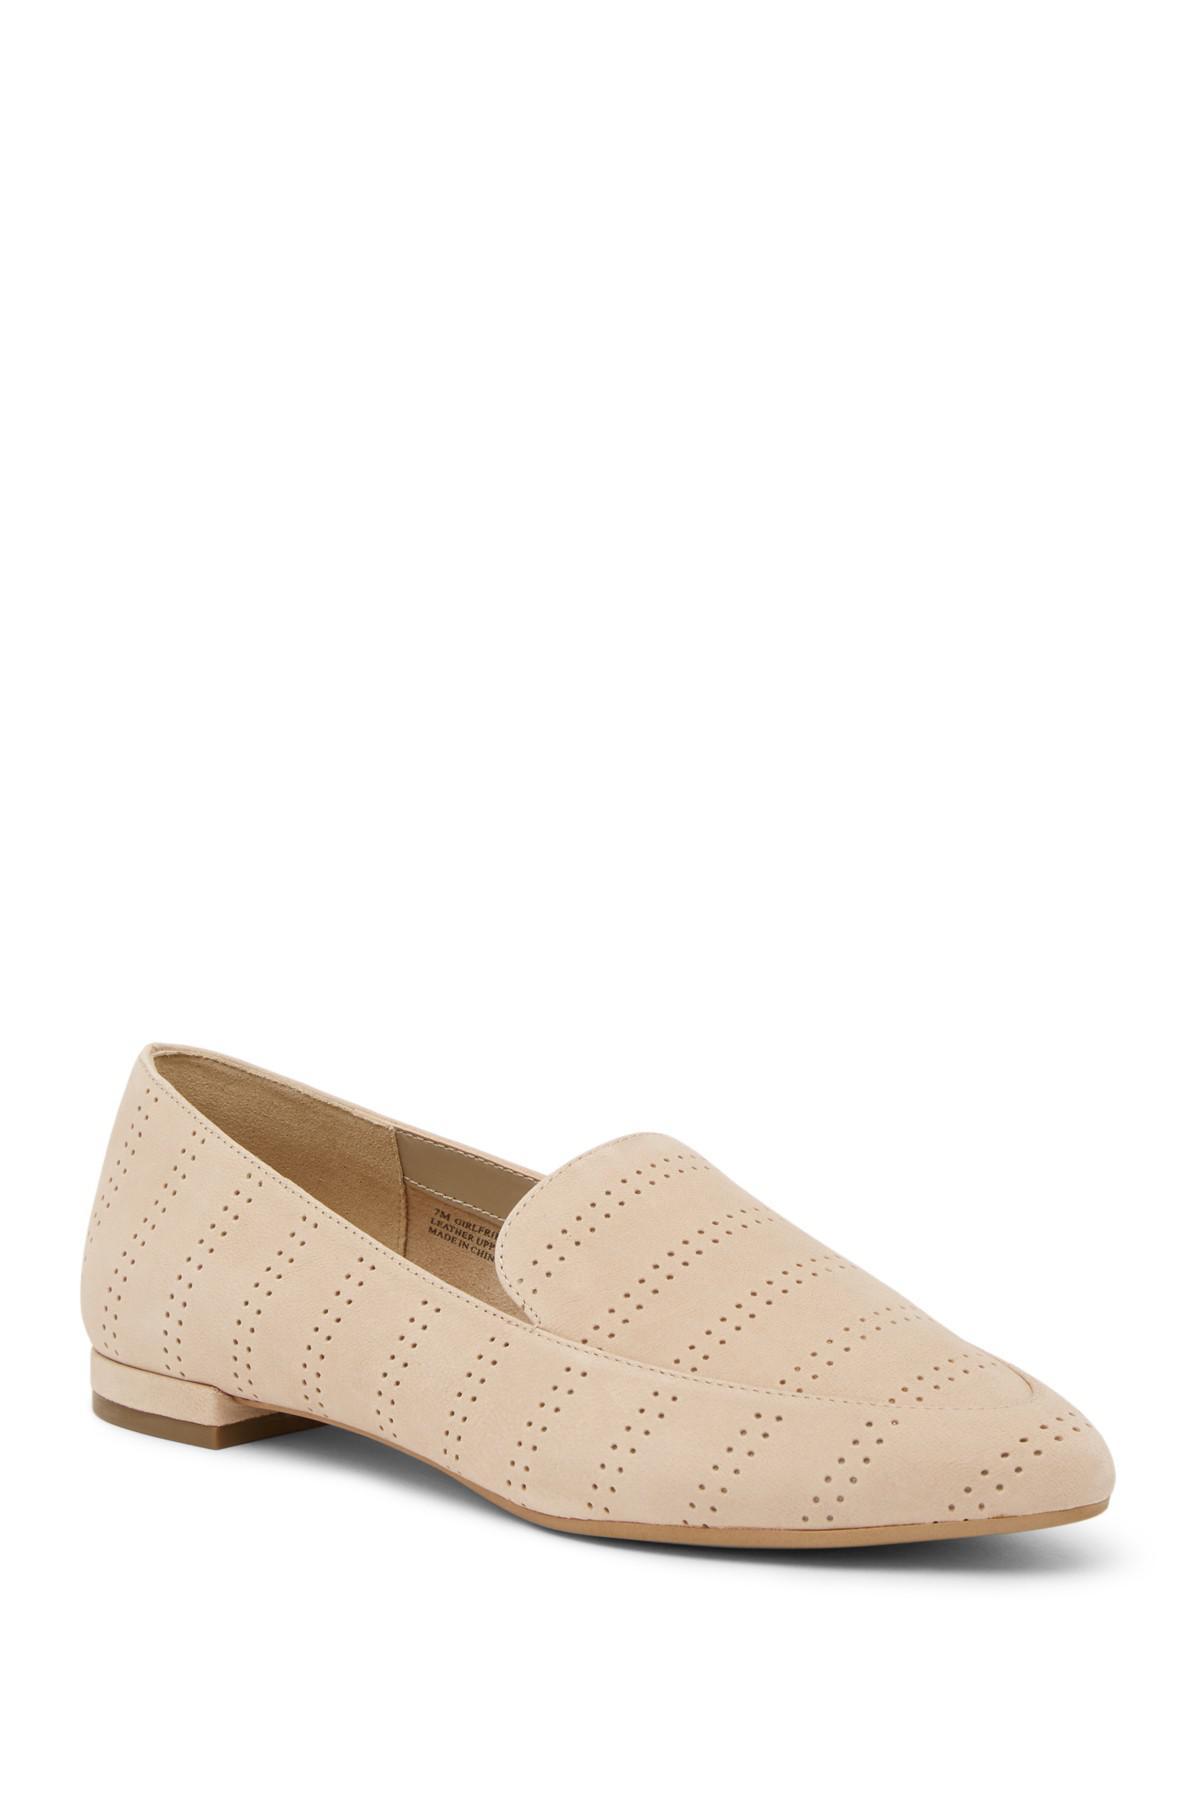 564dfe87631 Lyst - Aerosoles Girlfriend Loafer